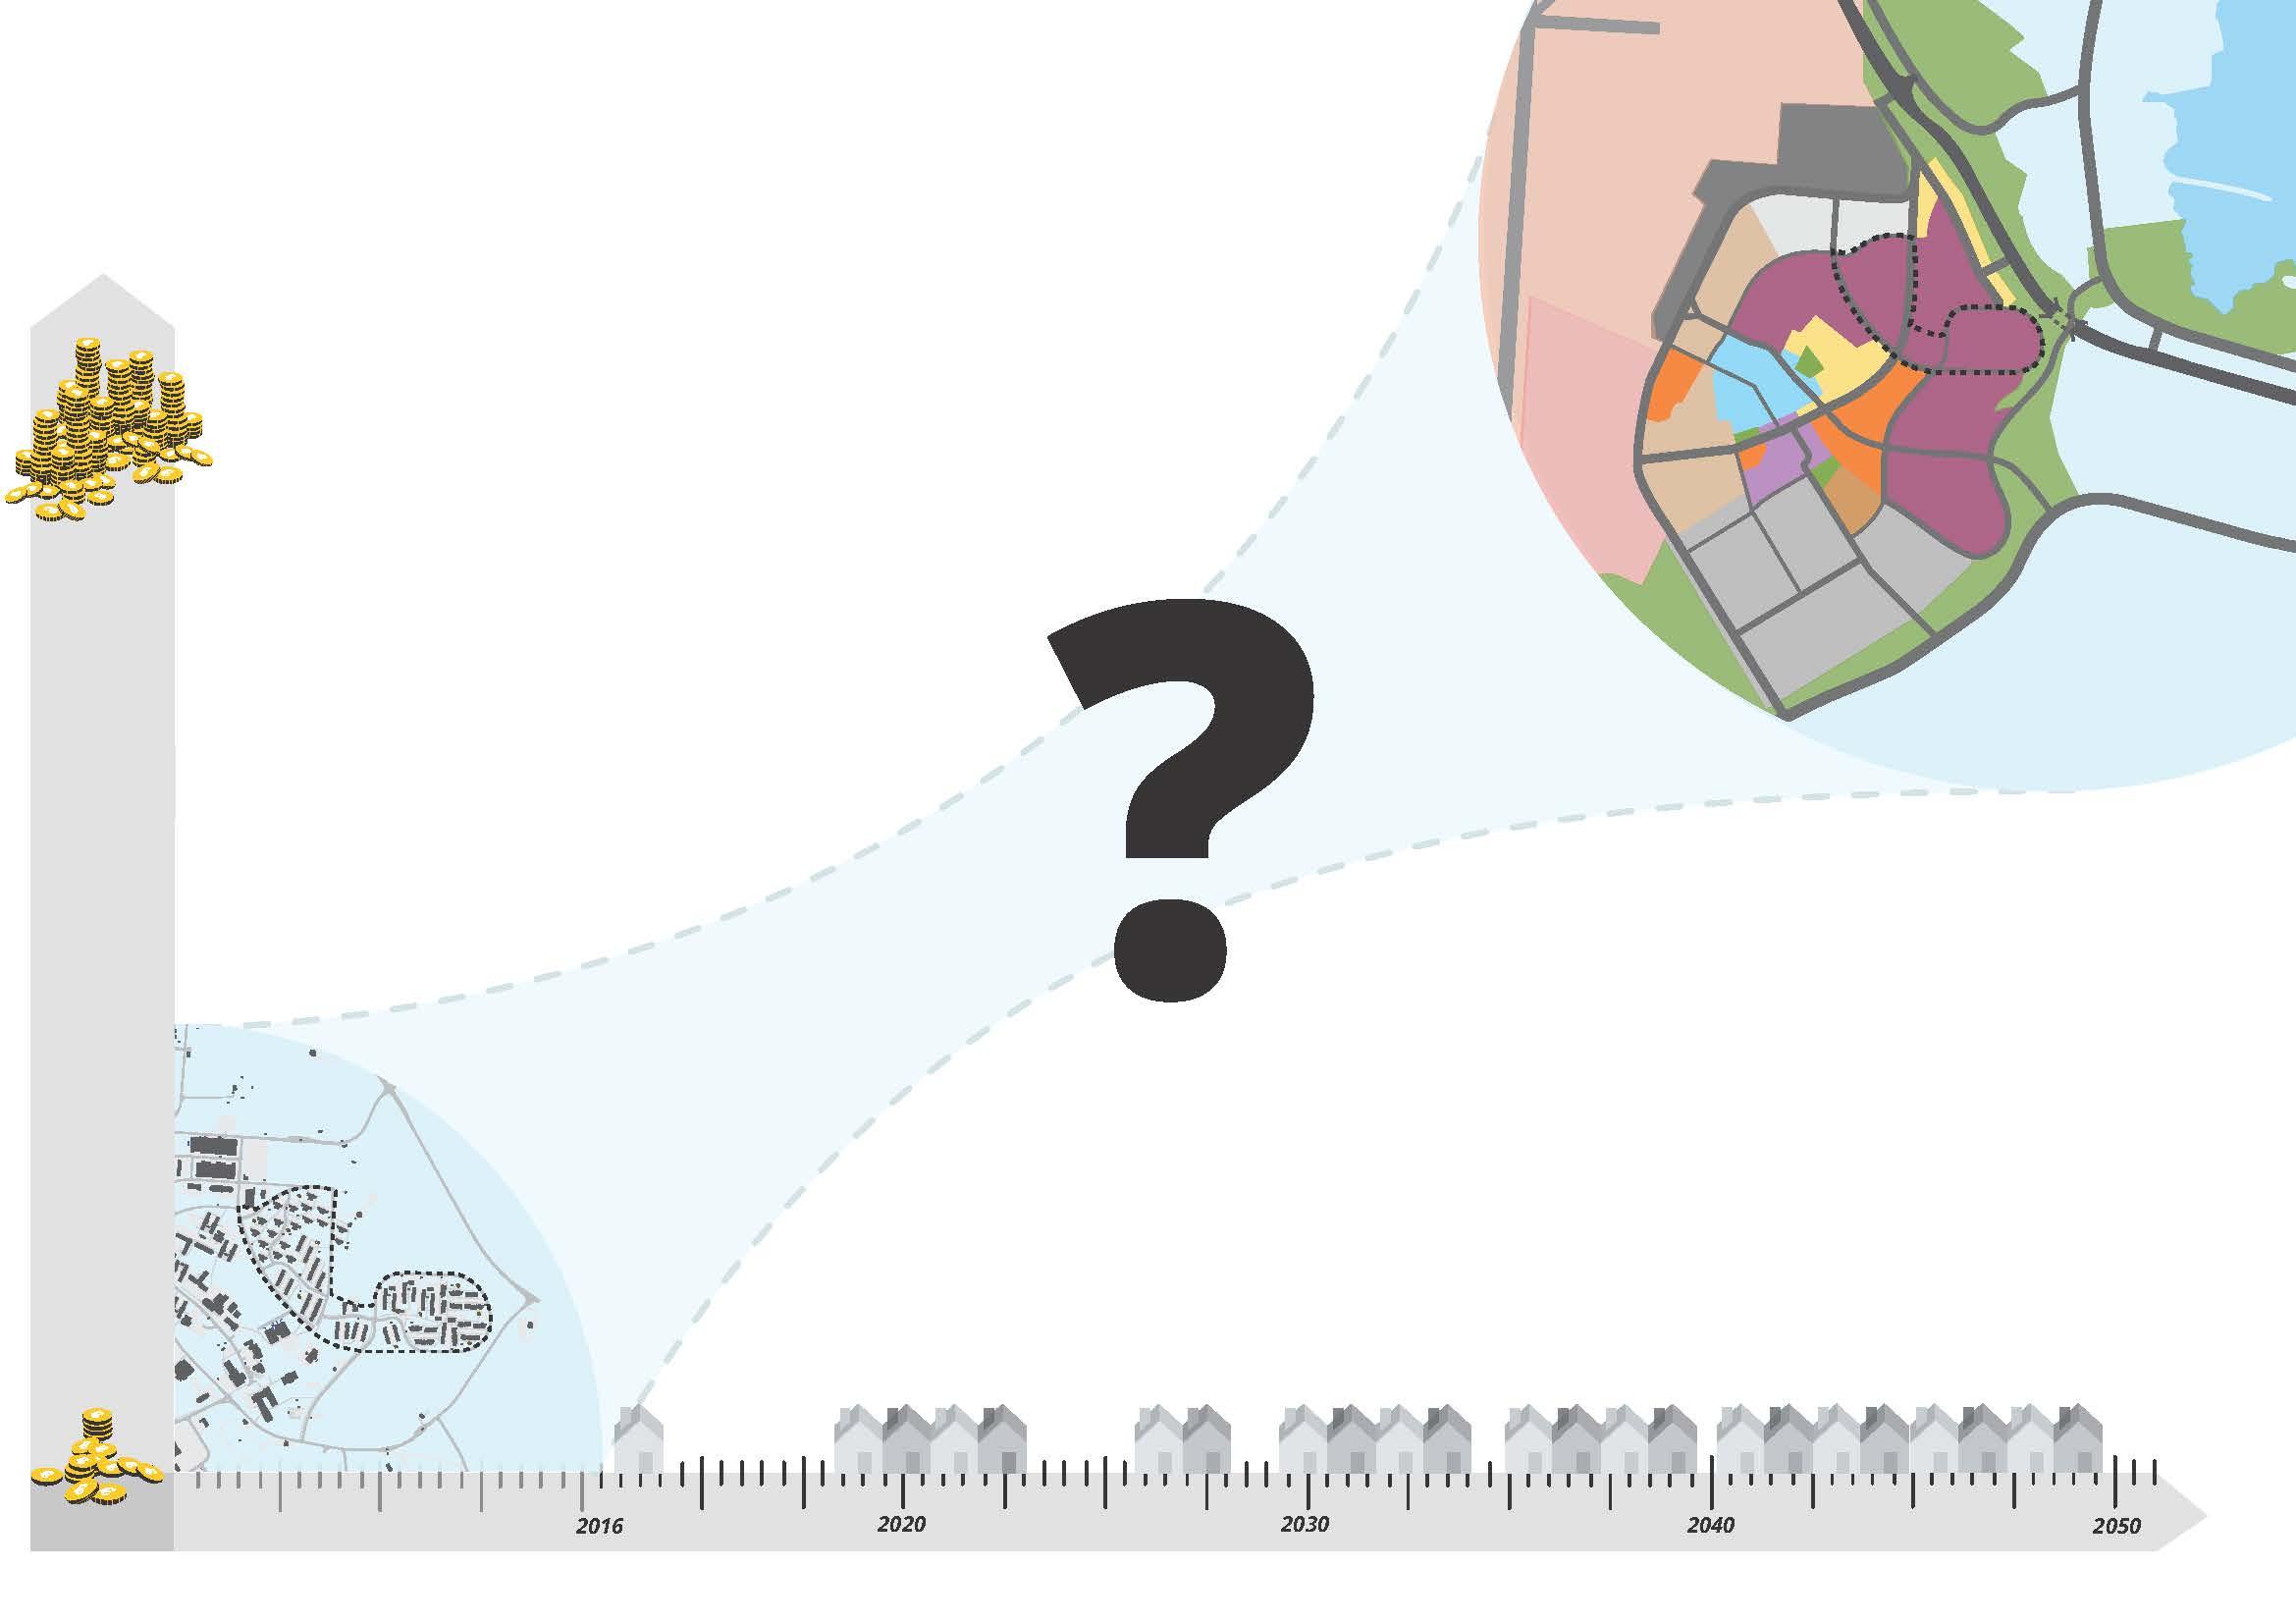 felixx-asbru-diagramquestion.jpg